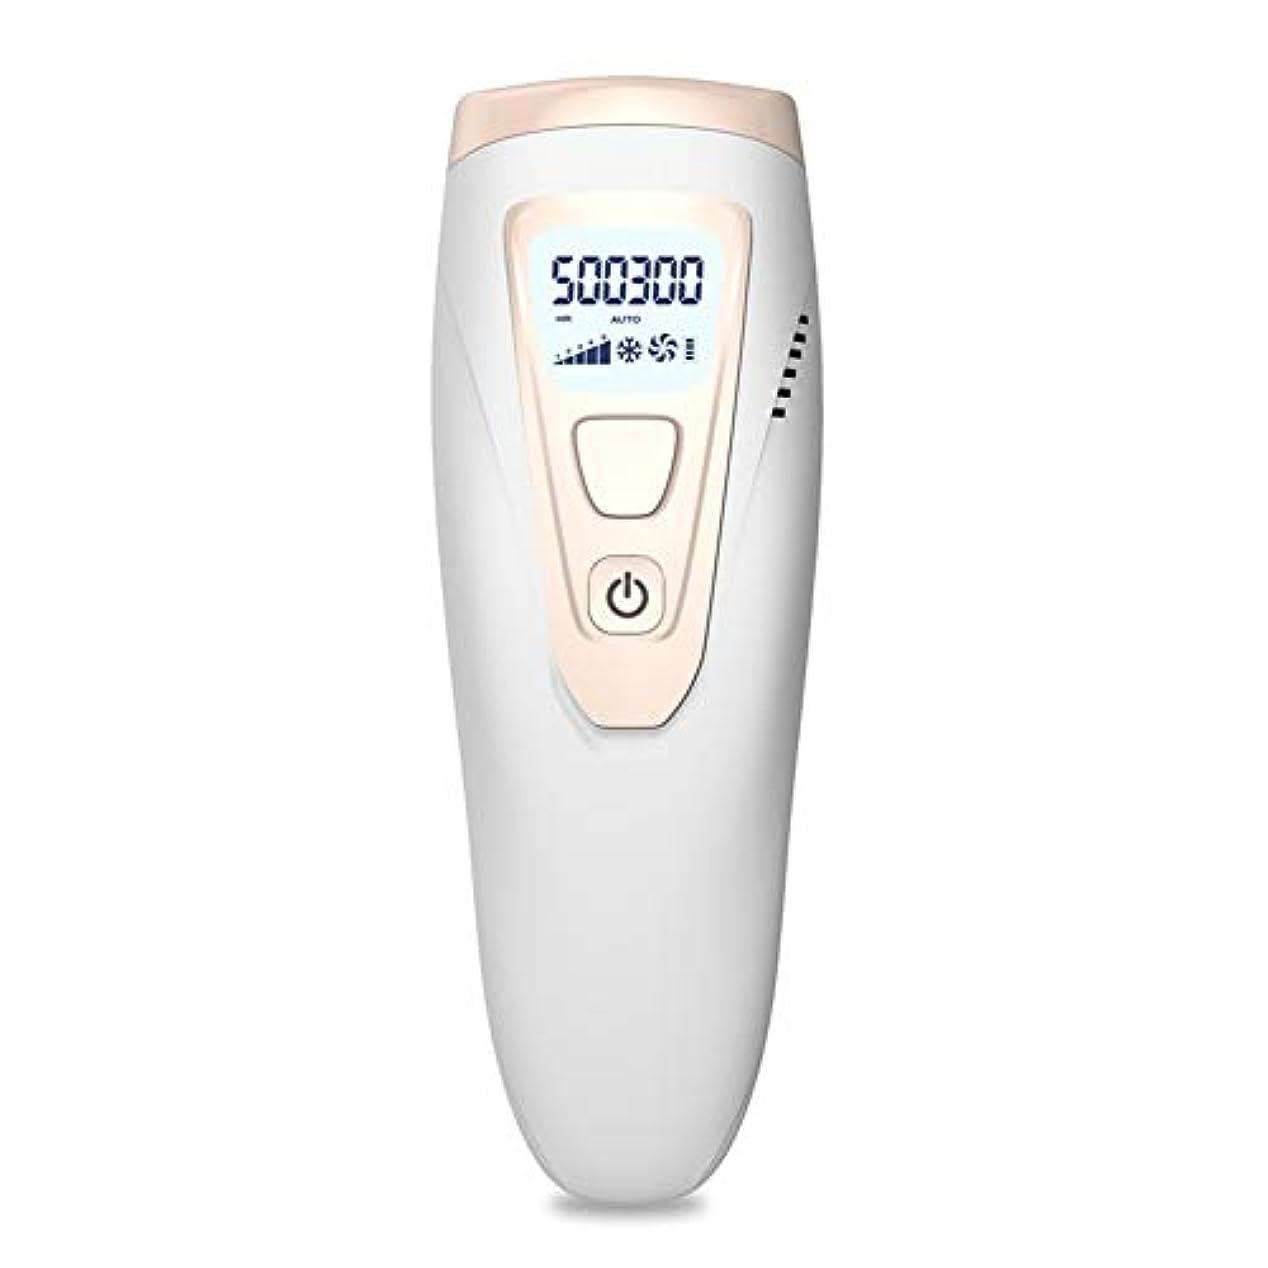 アイスクールIPLレーザー脱毛システム50万回のフラッシュ無痛常設パルス光脱毛器デバイス、にとってボディフェイス脇の下ビキニライン